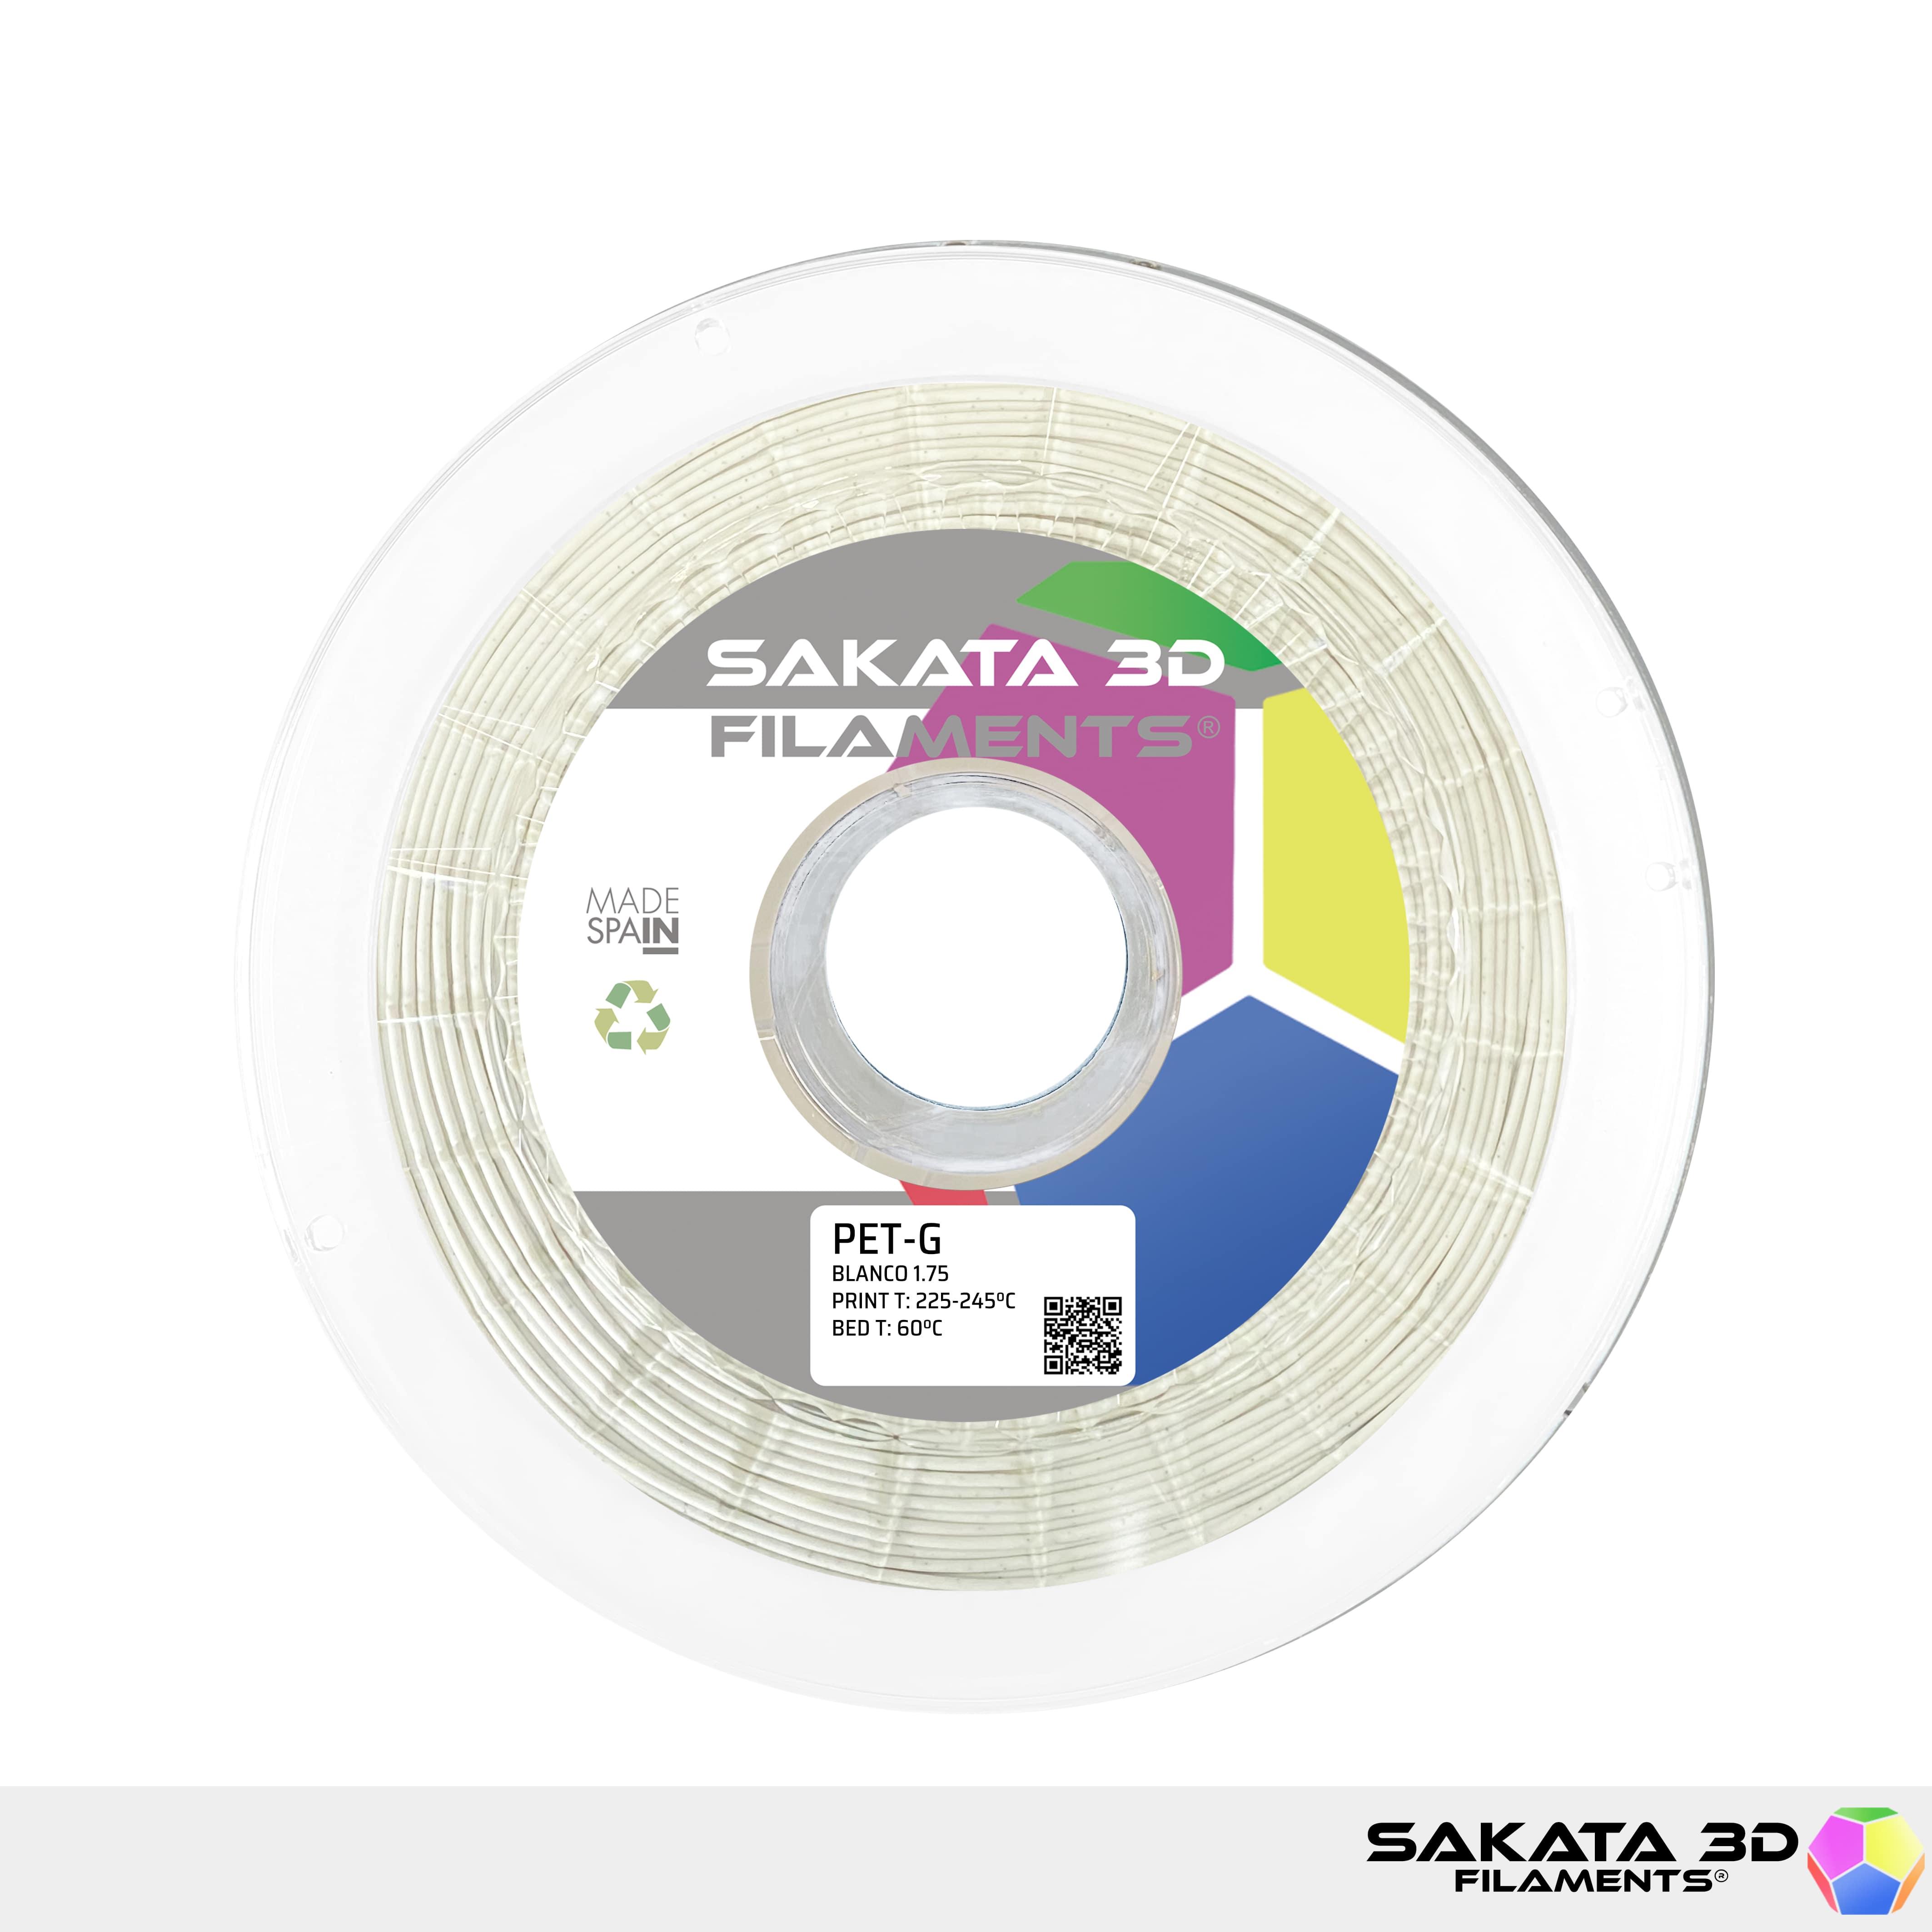 Filament 3D : PETG Sakata 3D Blanc